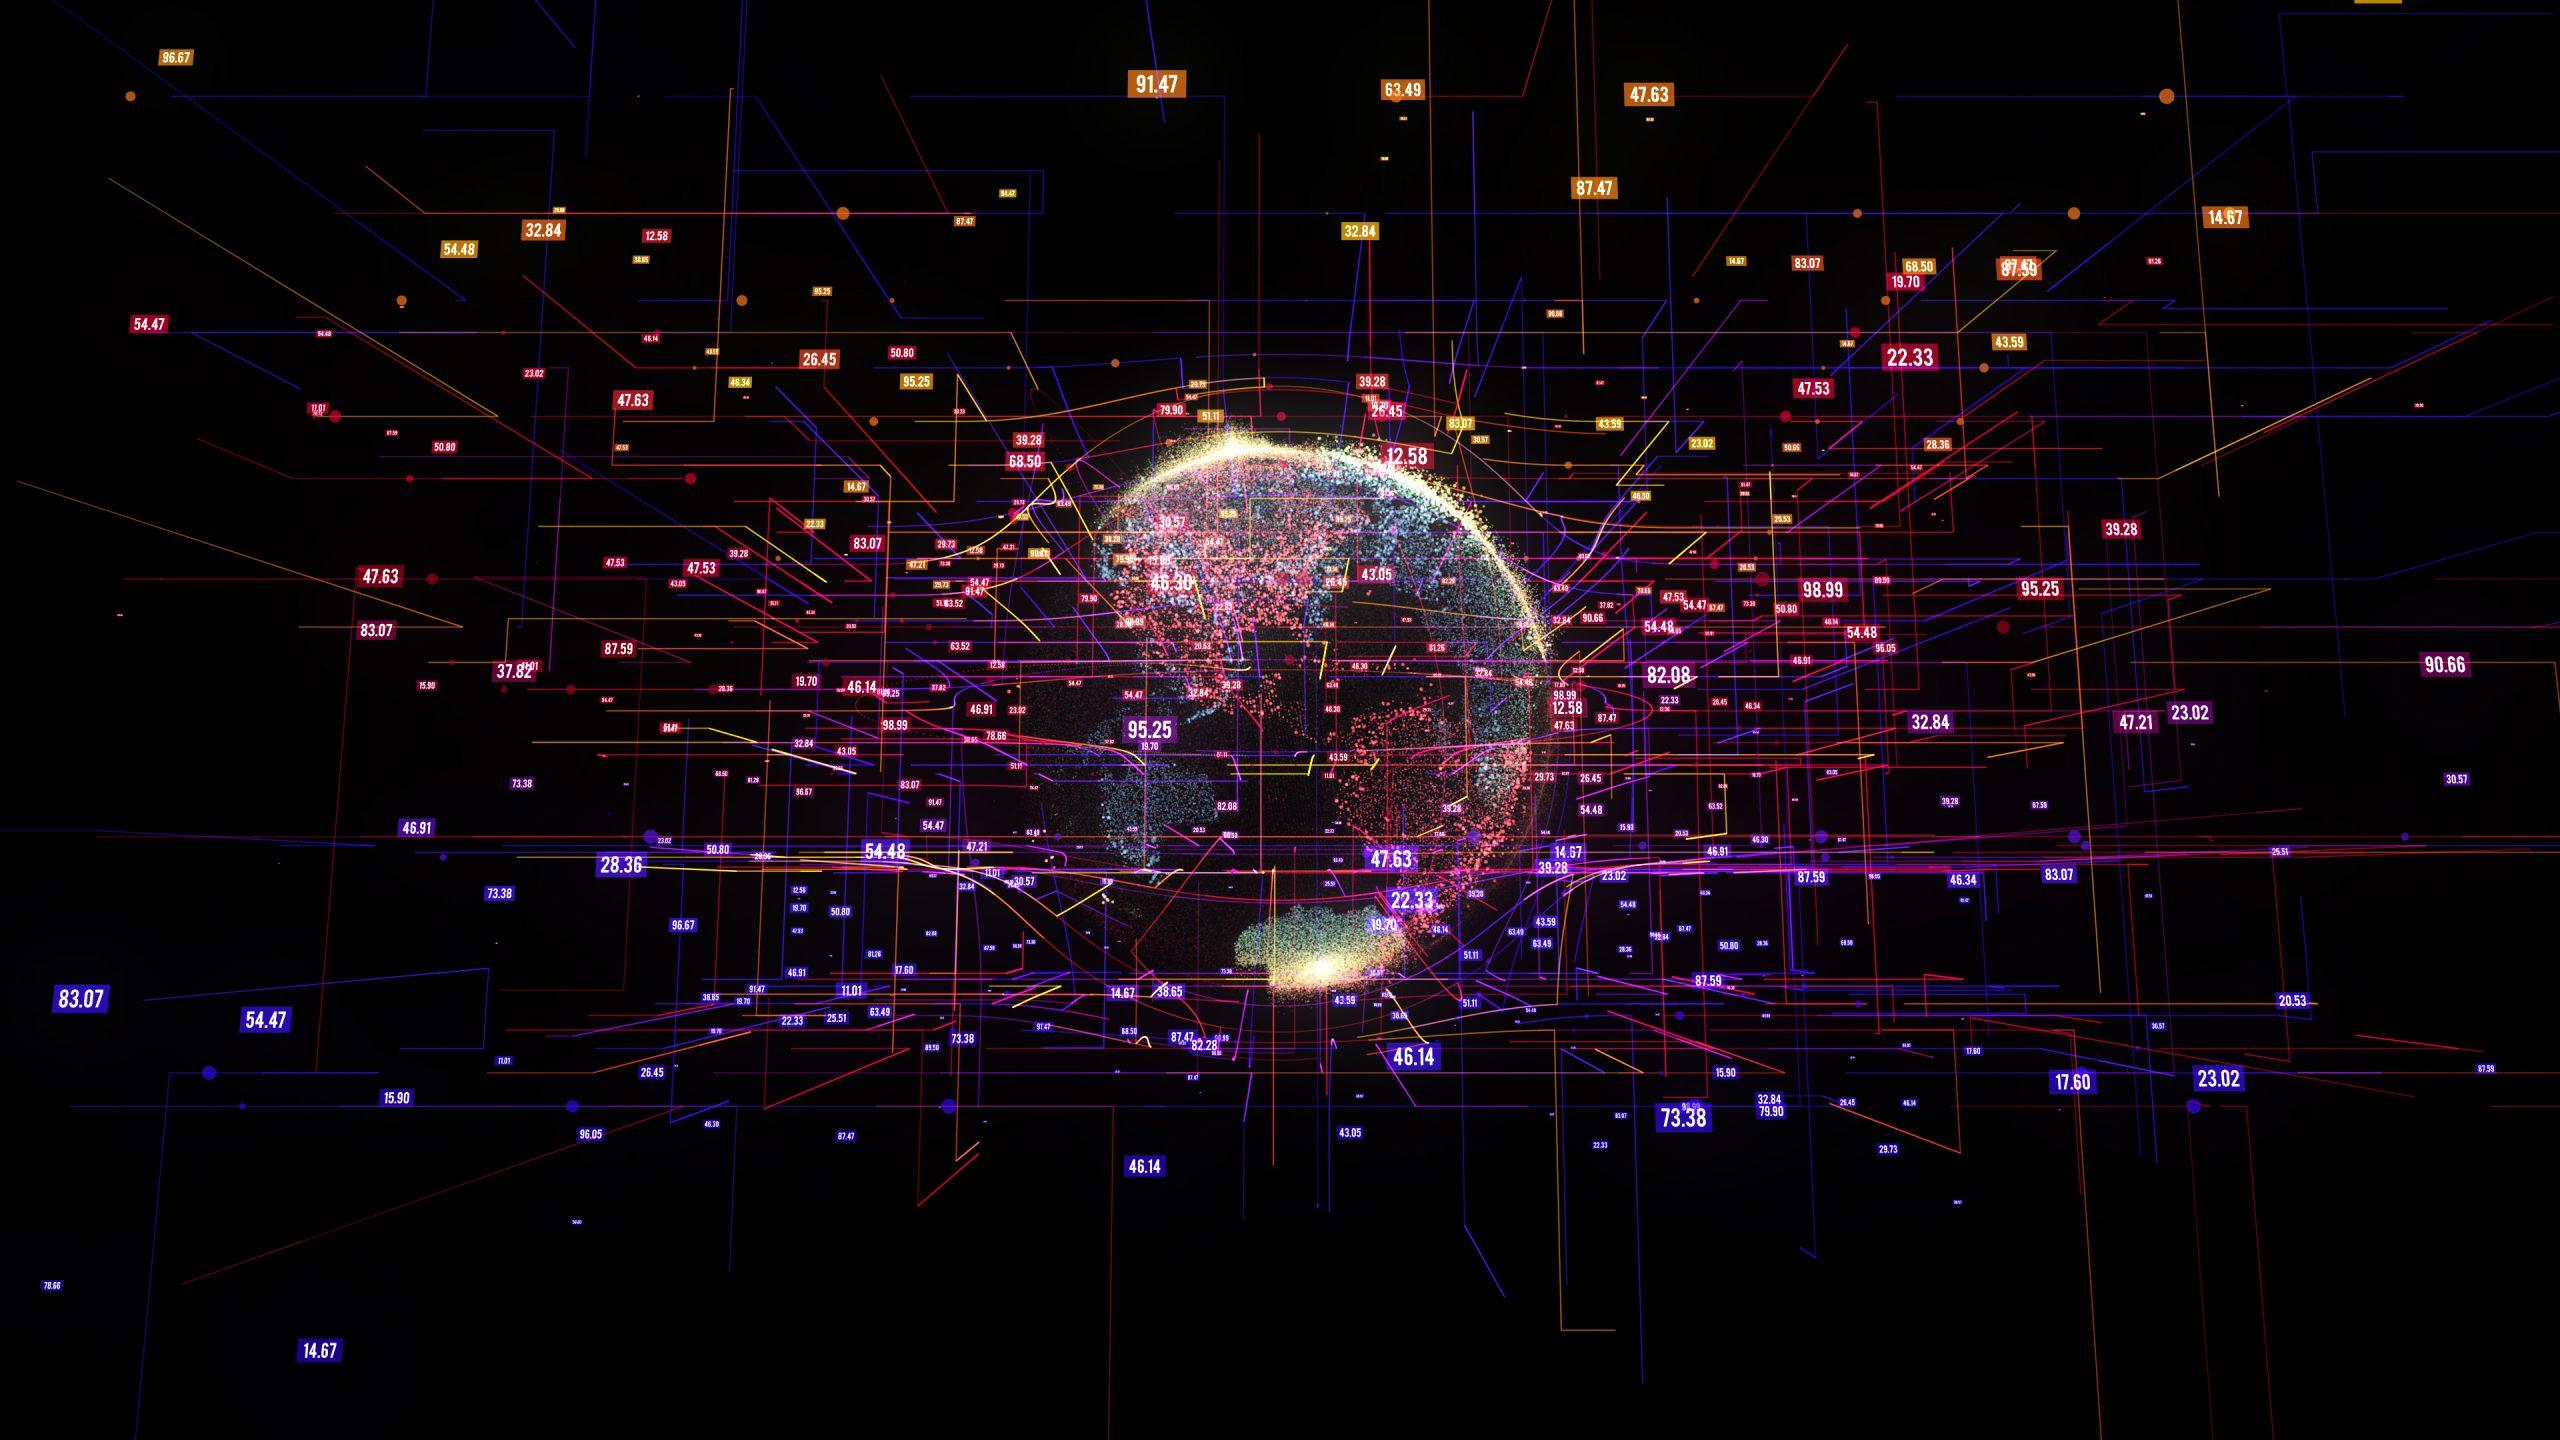 Kestirimci ve Öngörücü Analitik Karşılaştırması: Fark Nedir?